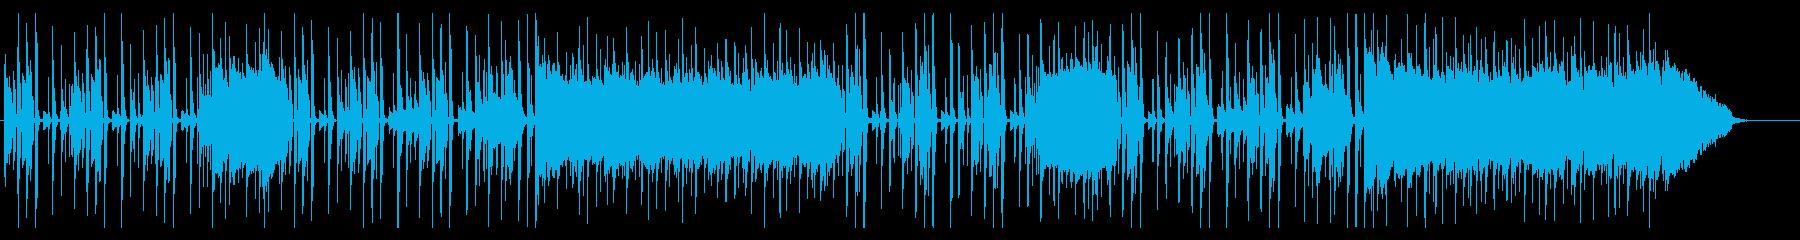 のんびり・ほんわか日常系BGMの再生済みの波形